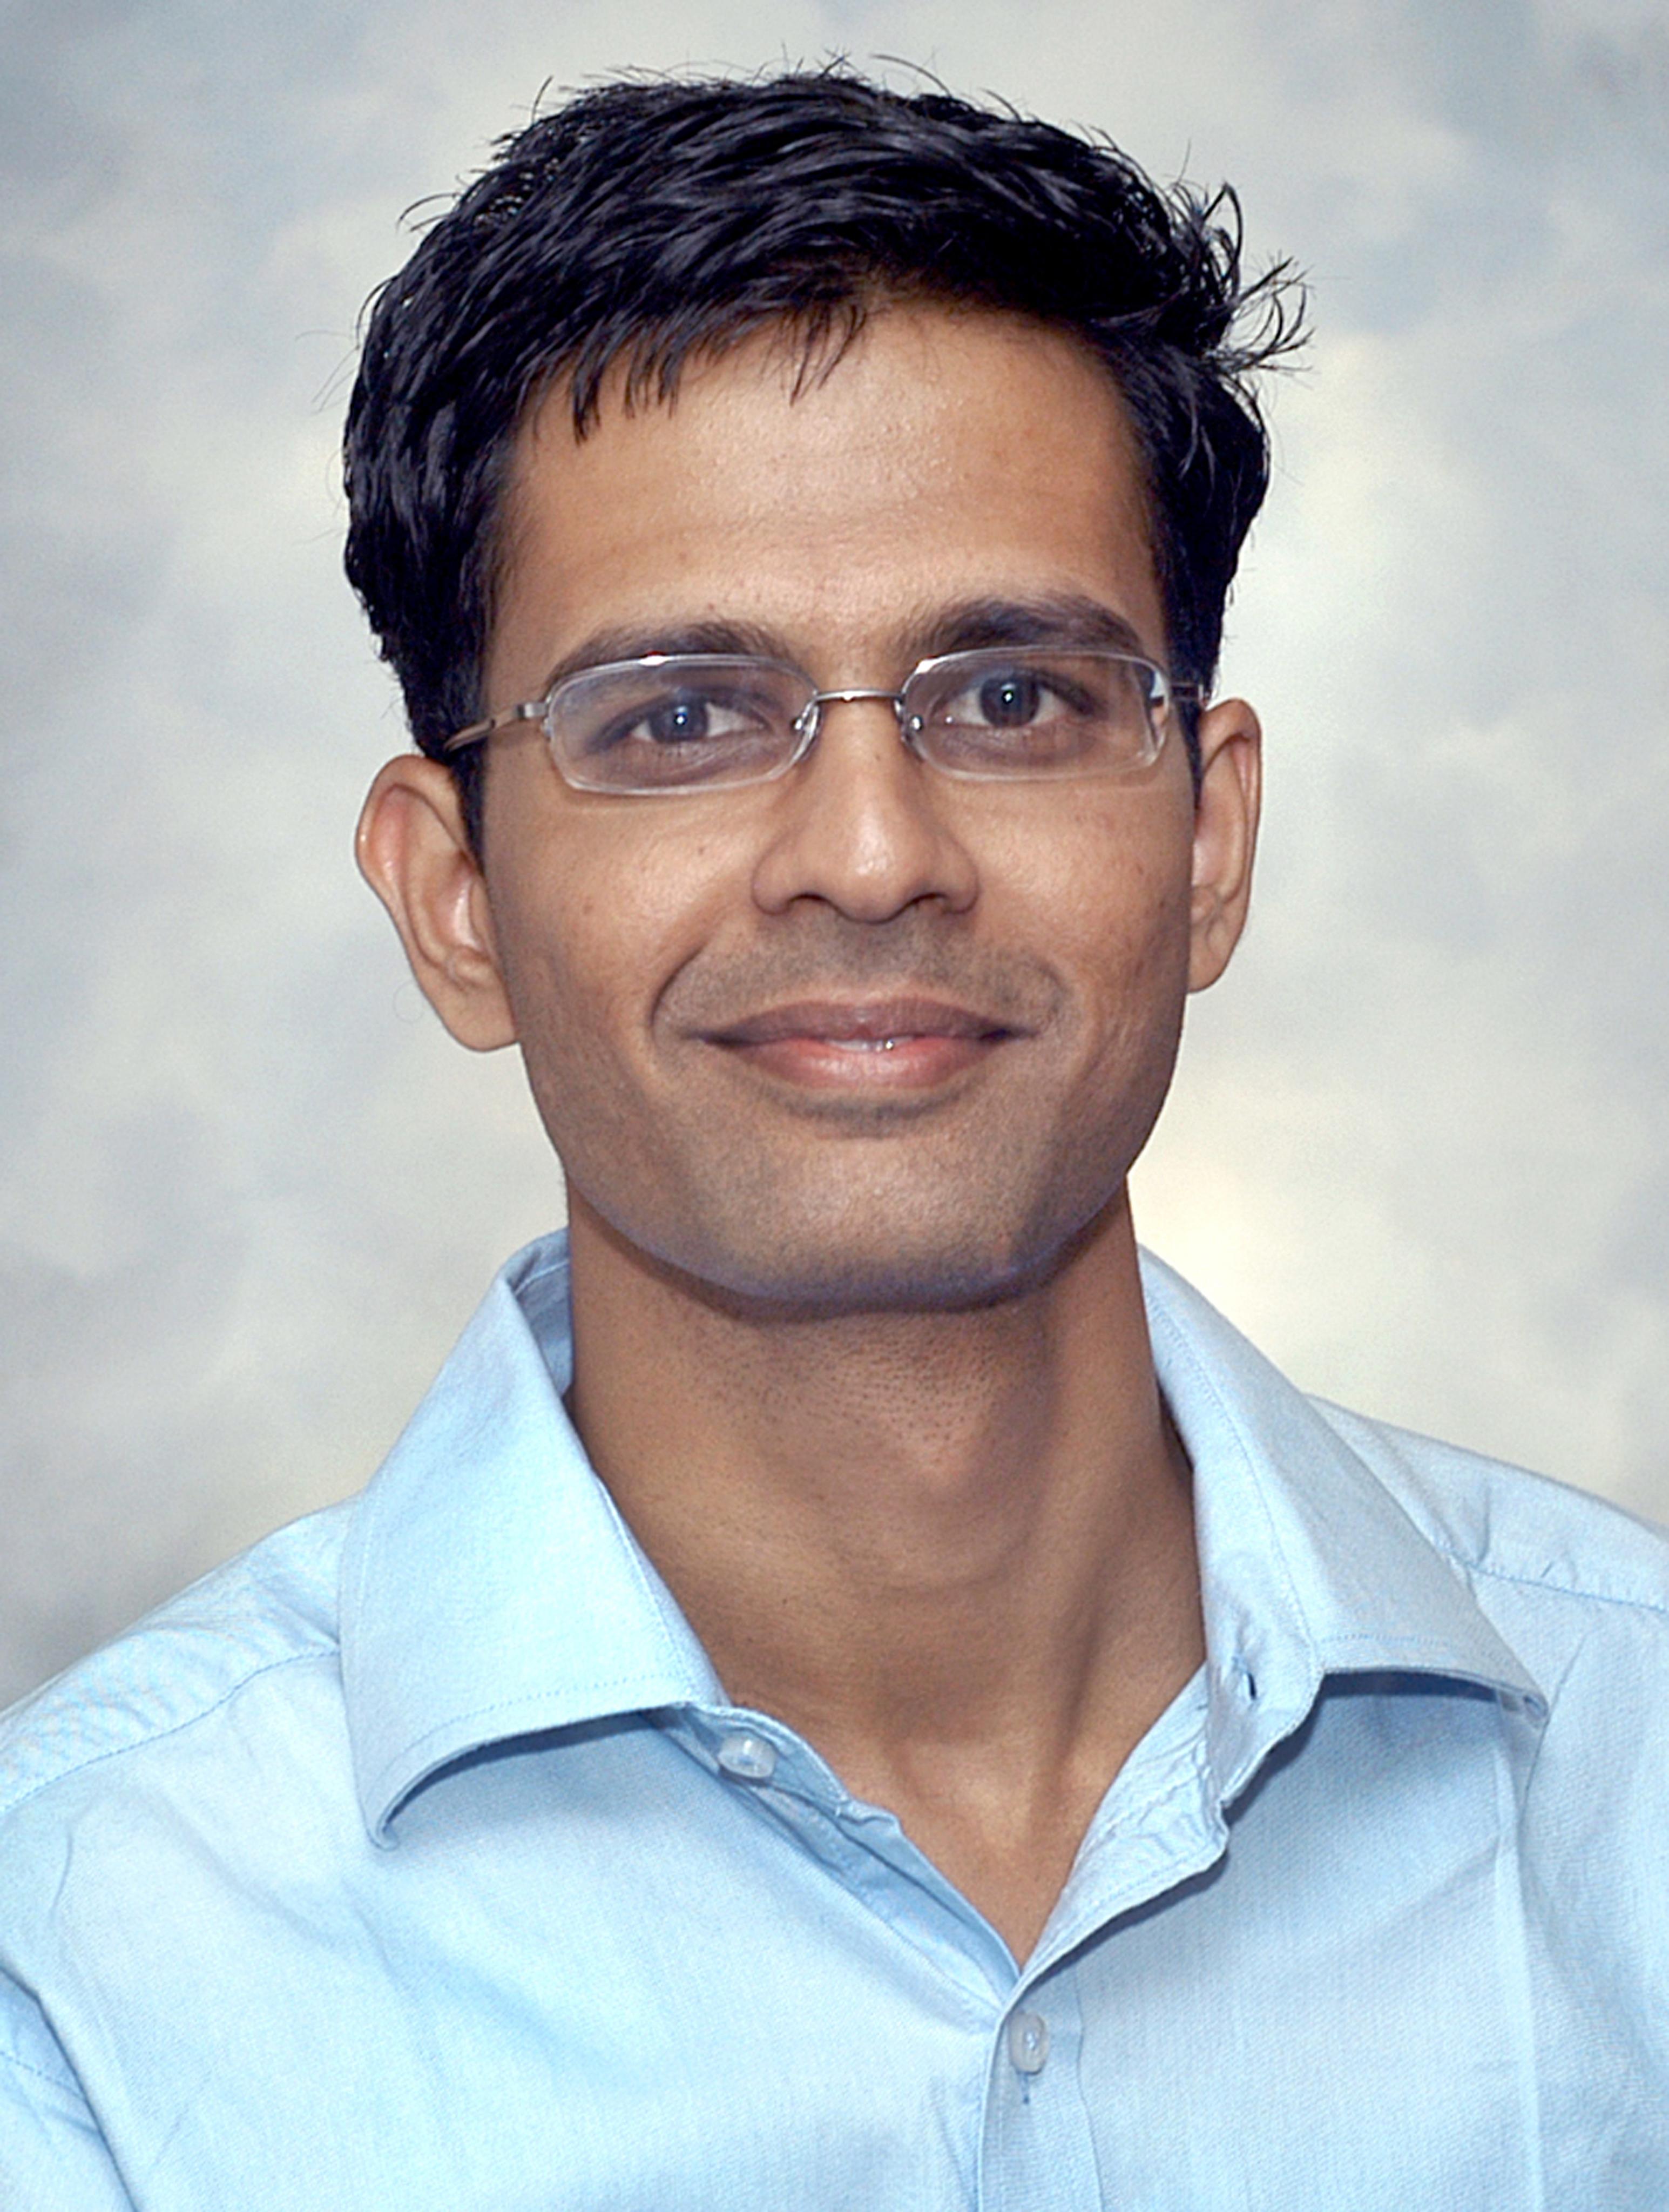 Gowthaman Gunabushanam, MD > Radiology & Biomedical Imaging | Yale